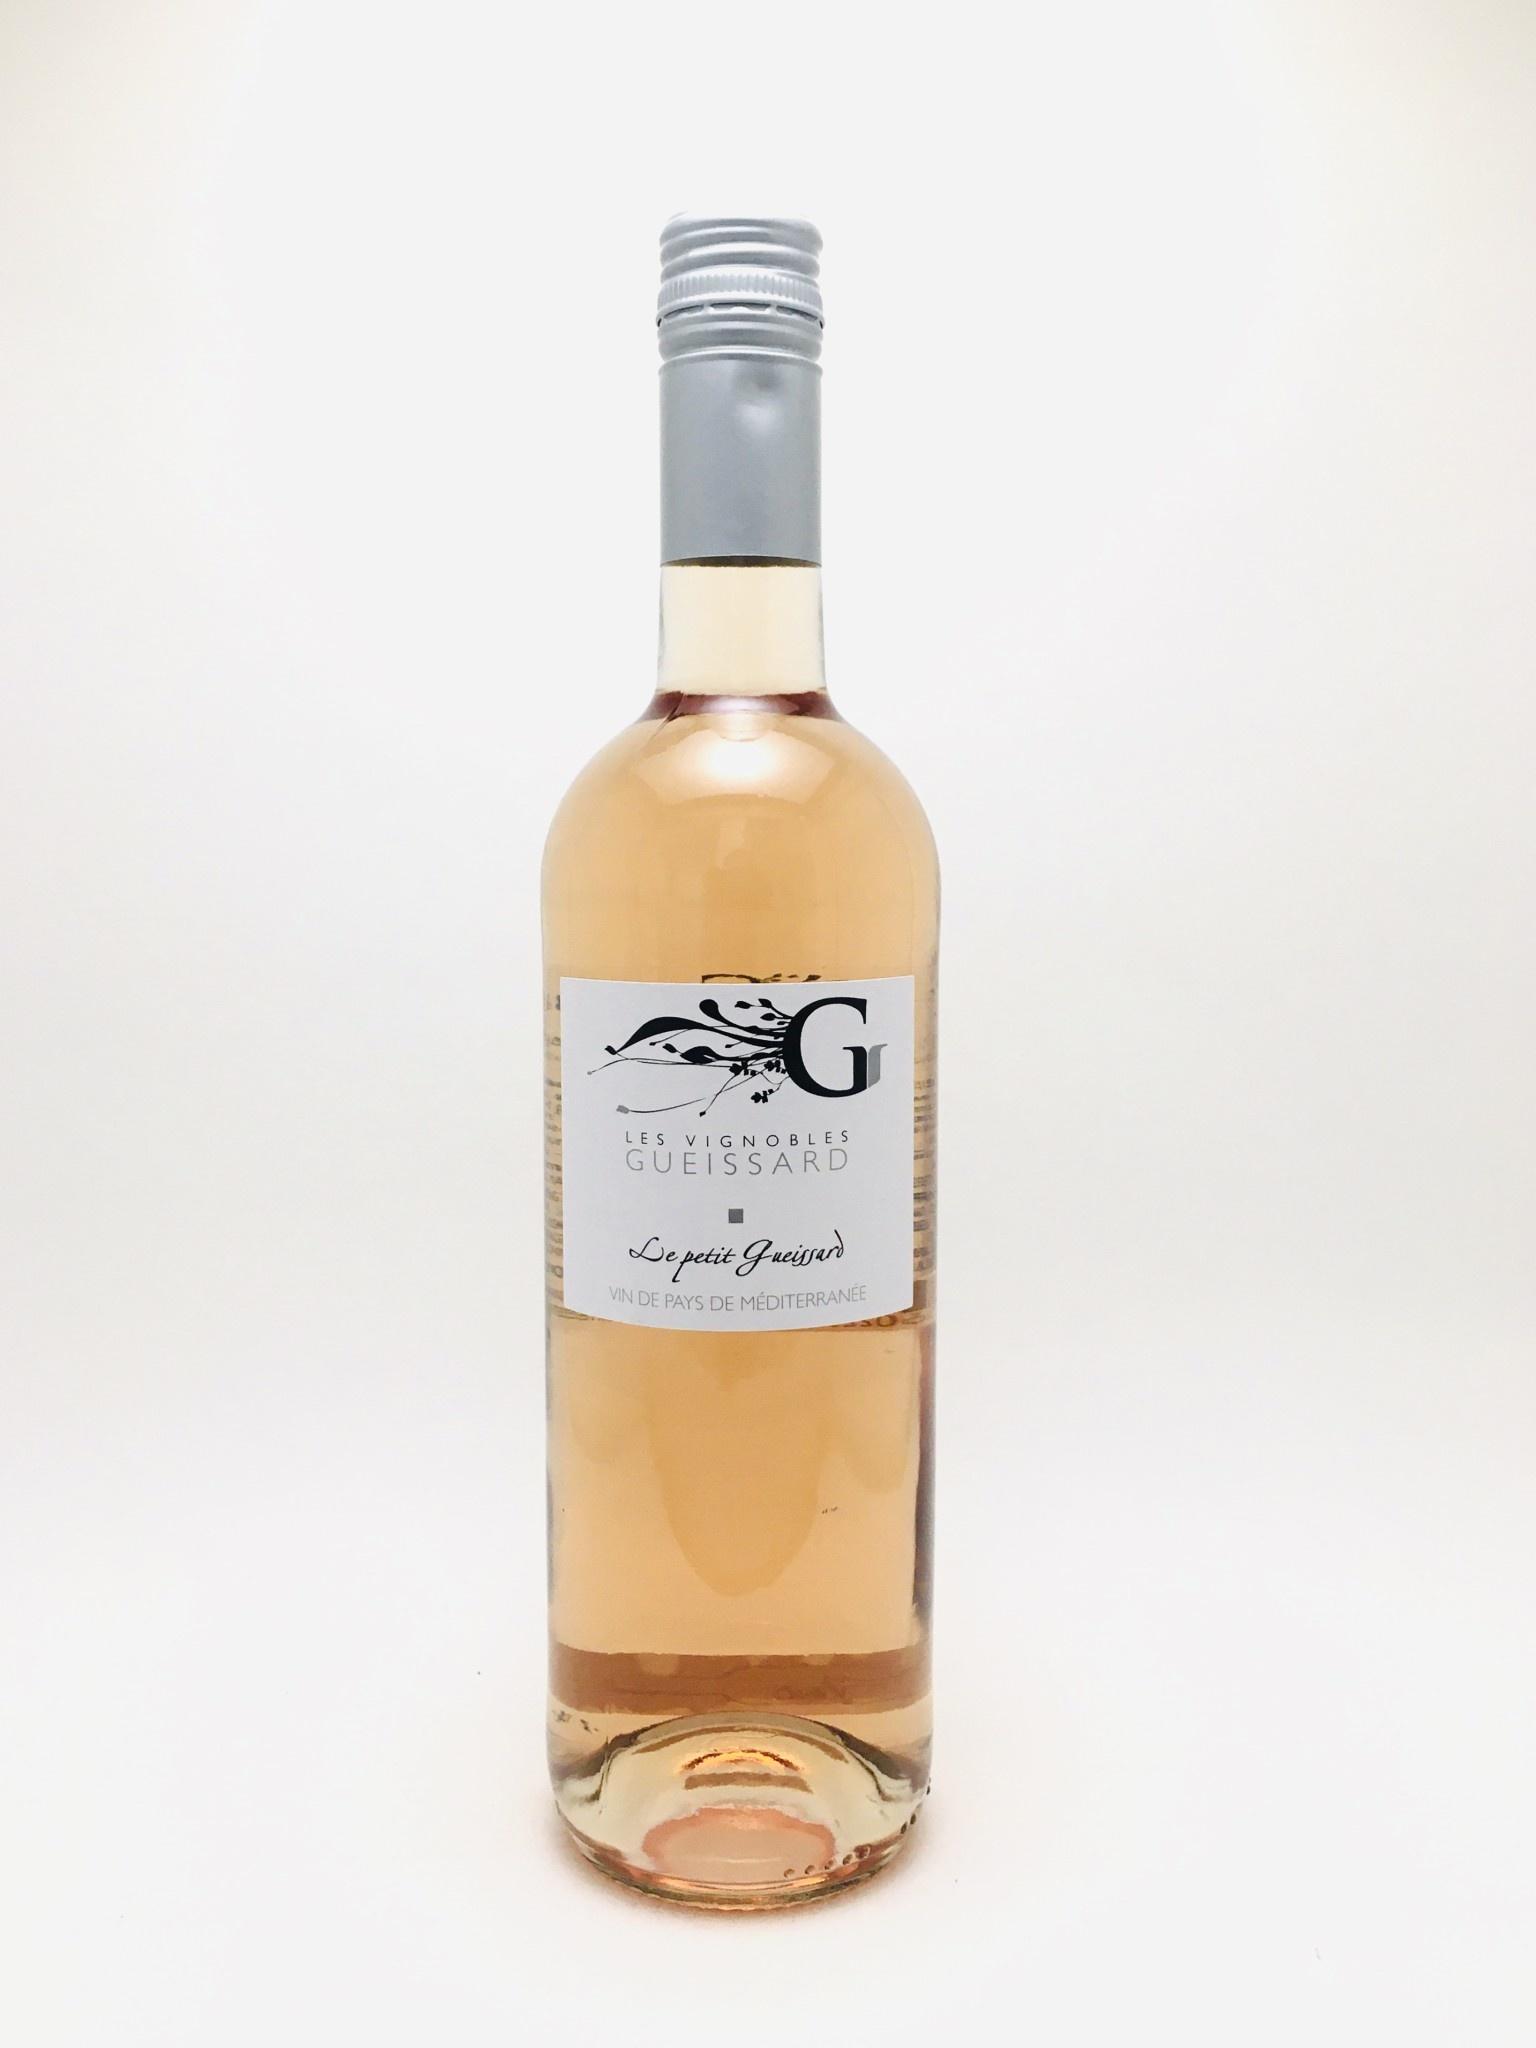 Les Vignobles Gueissard Méditerranée Le Petit Gueissard Rosé Provence France 2019